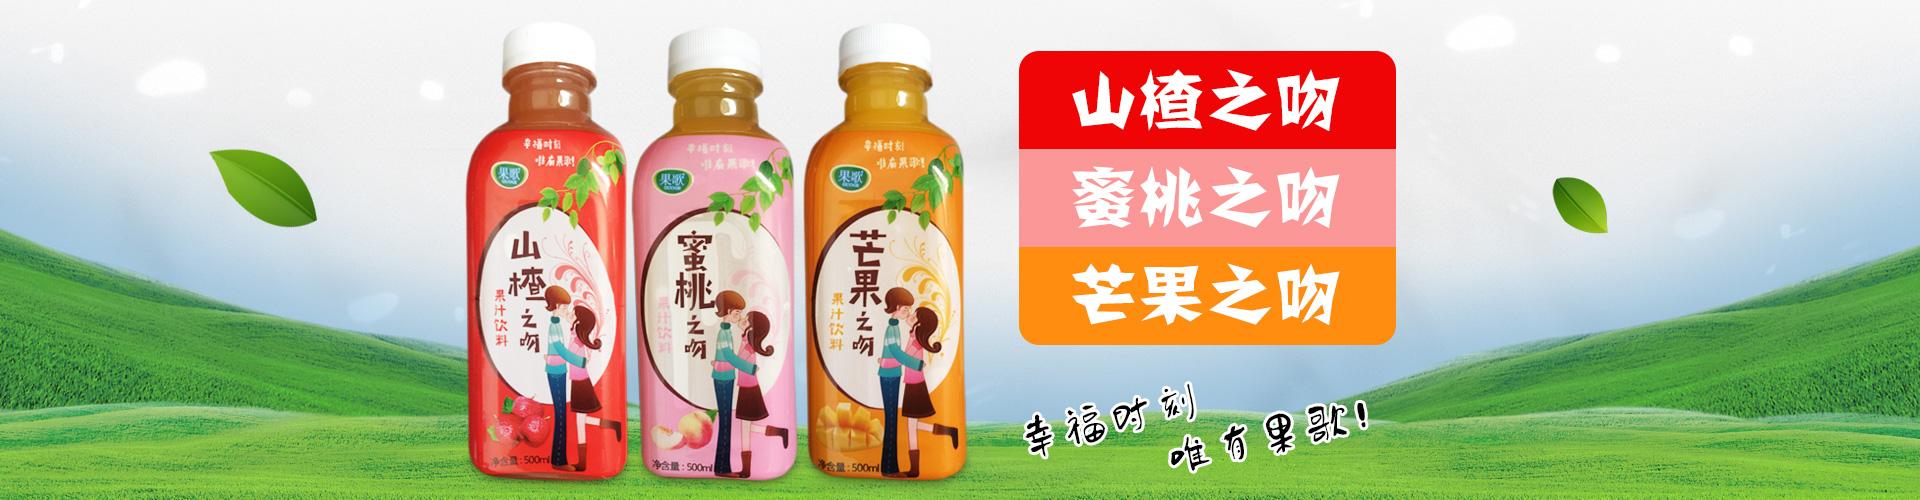 河南省果歌实业有限公司